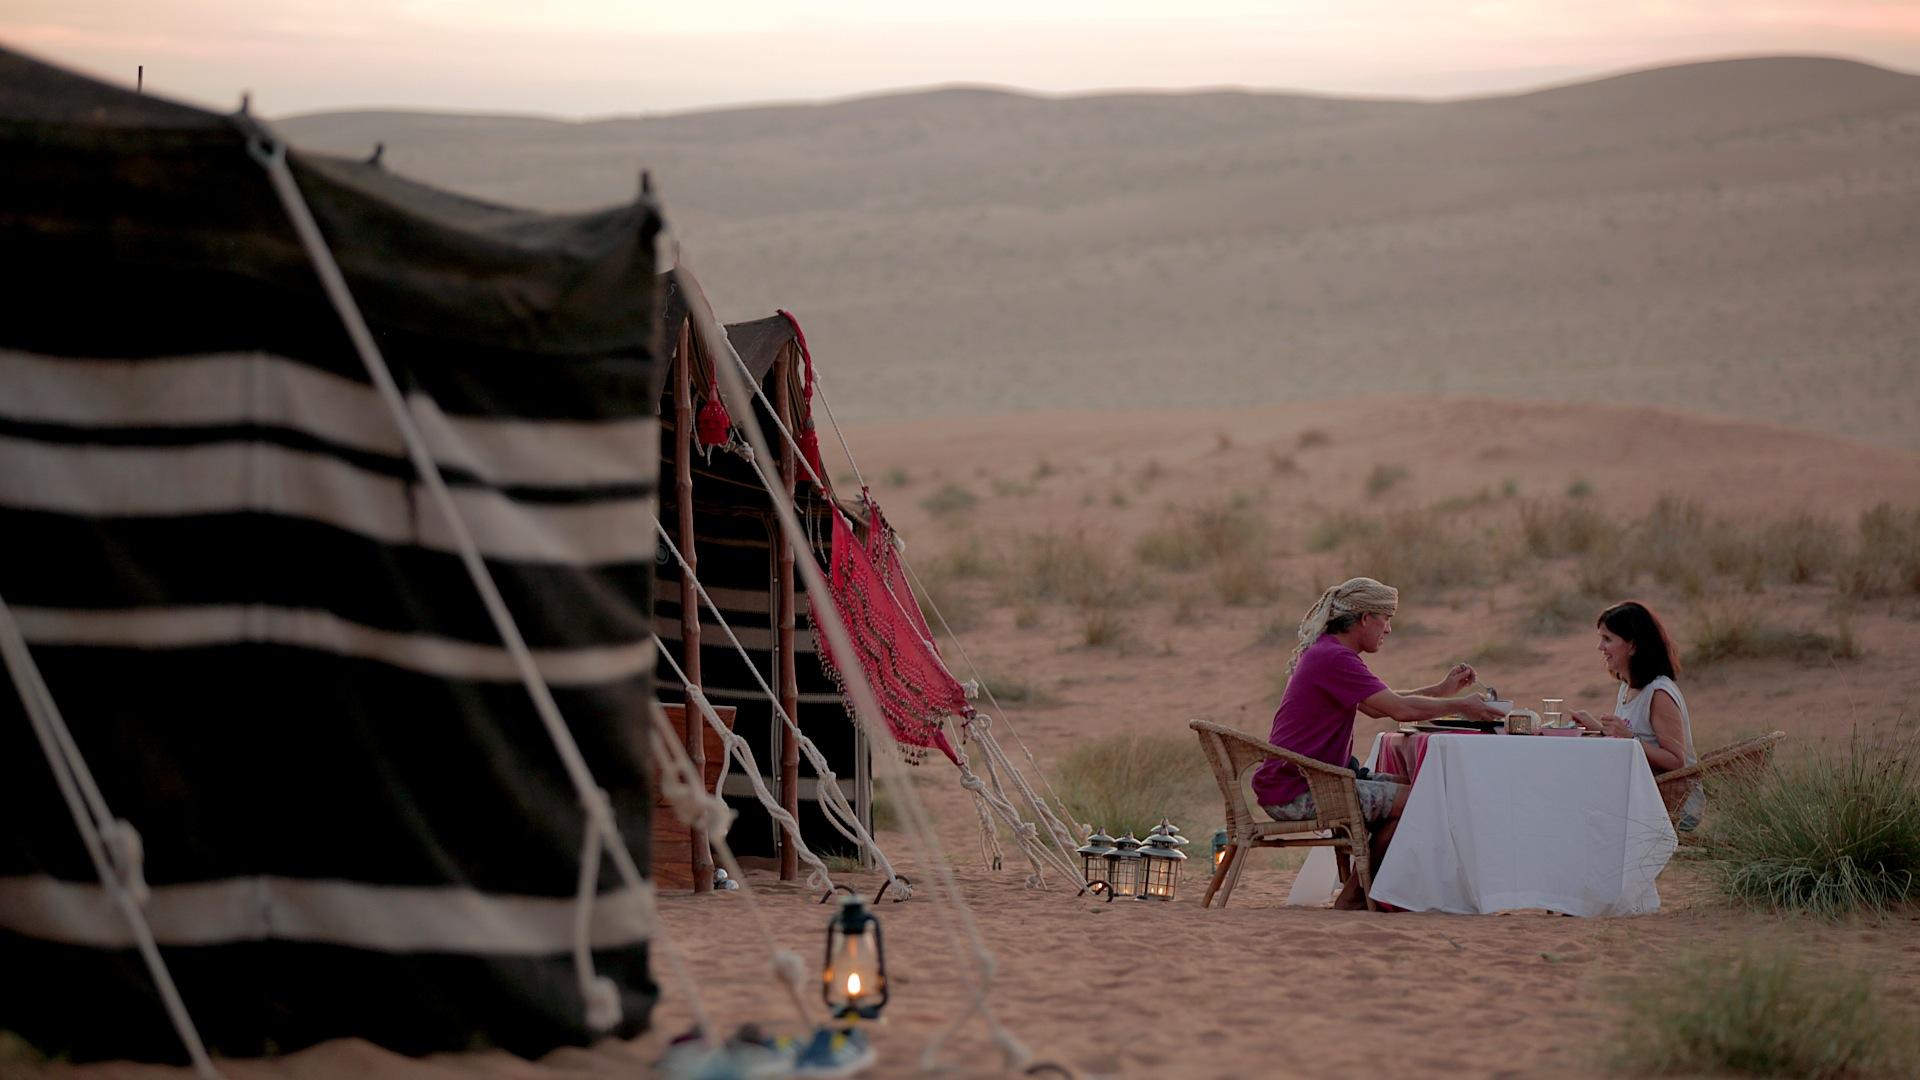 Production still from the dinner scene in the desert